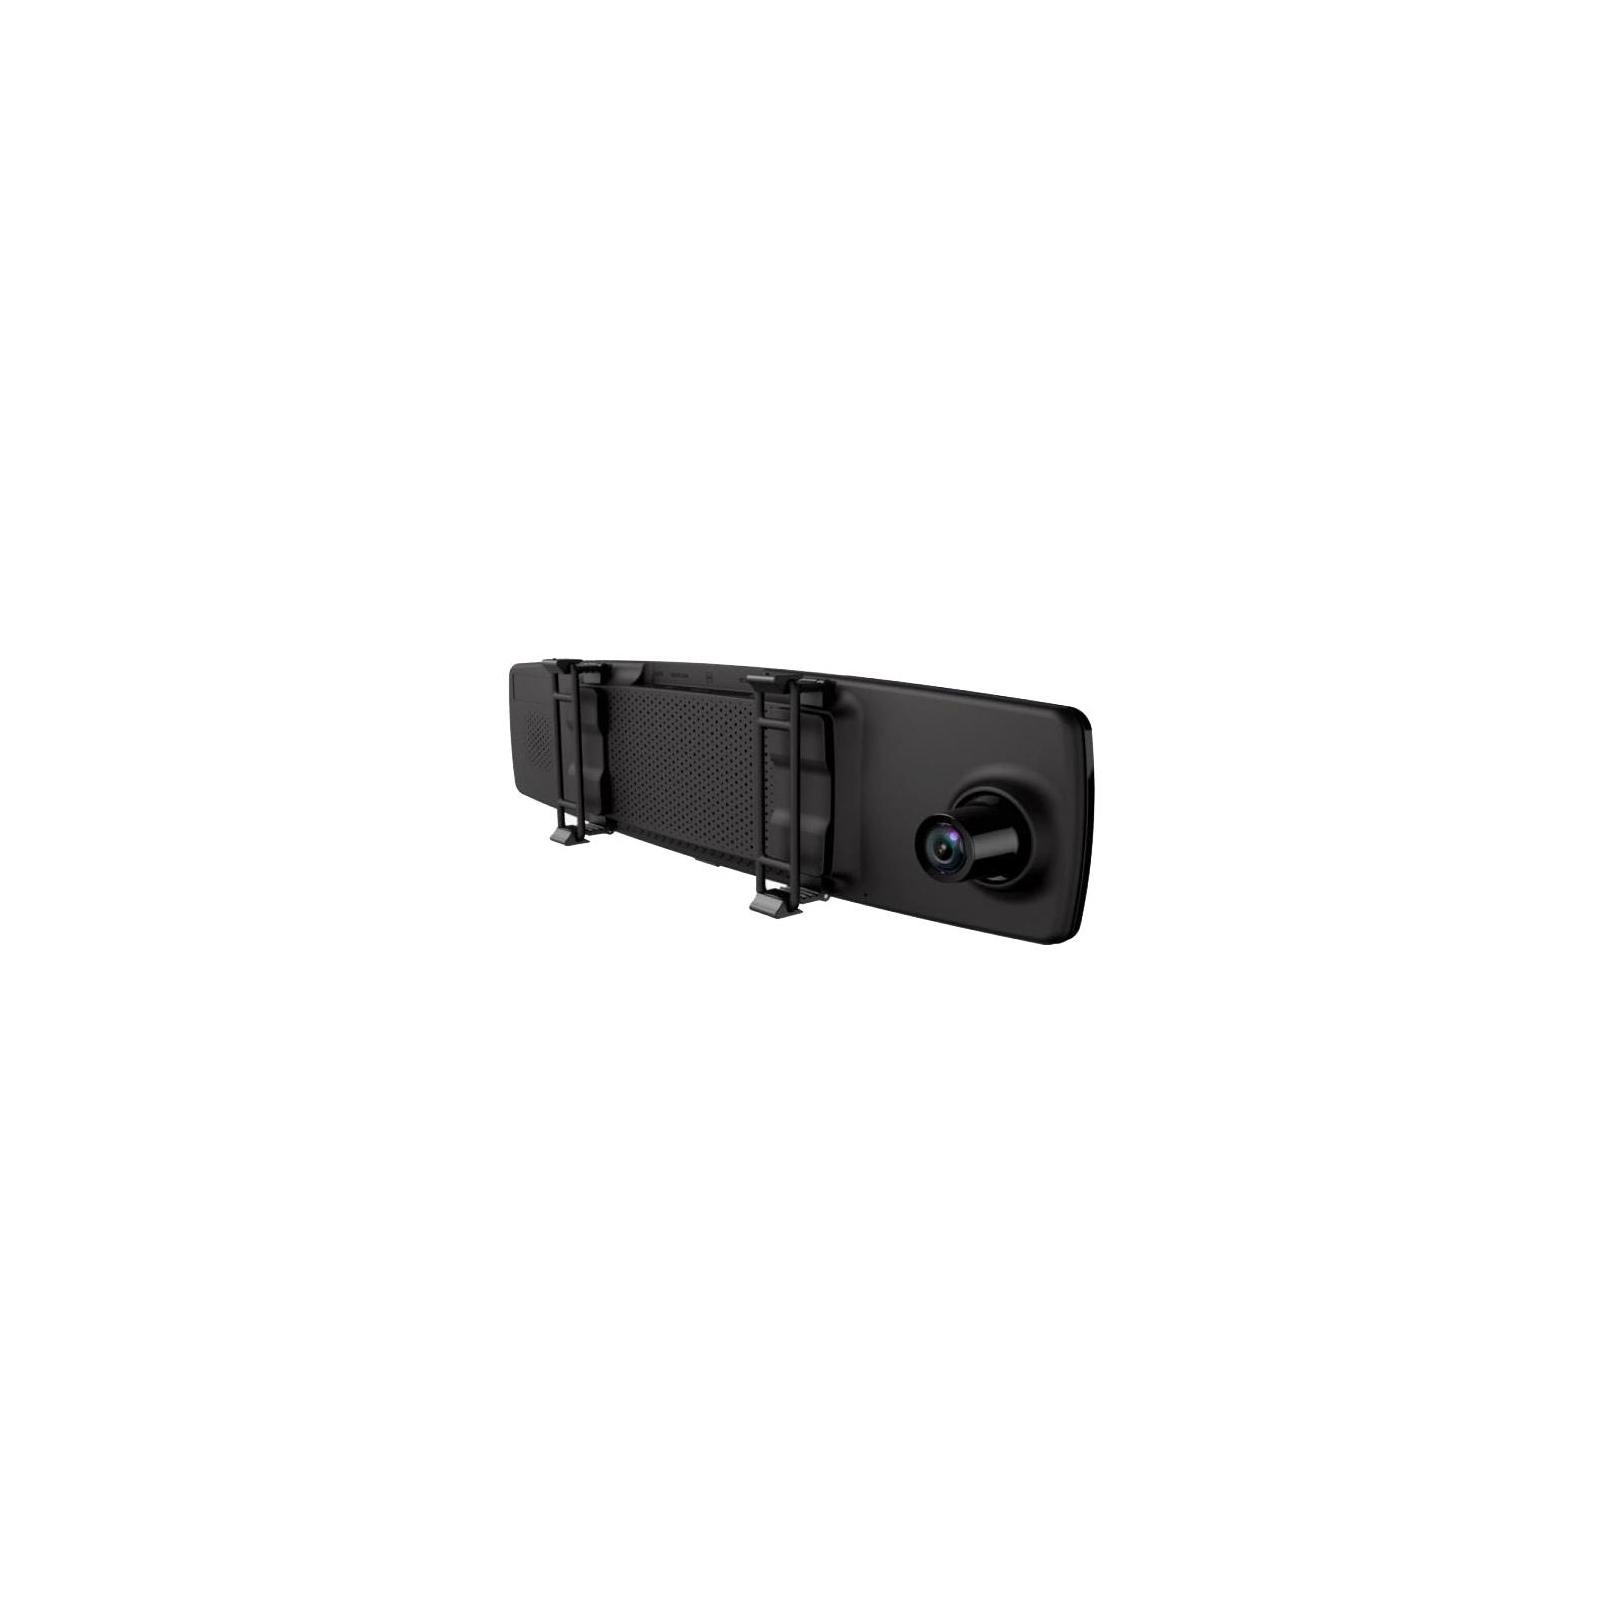 Видеорегистратор Xiaomi YI Mirror Dash Camera Black (YI-89029) изображение 3